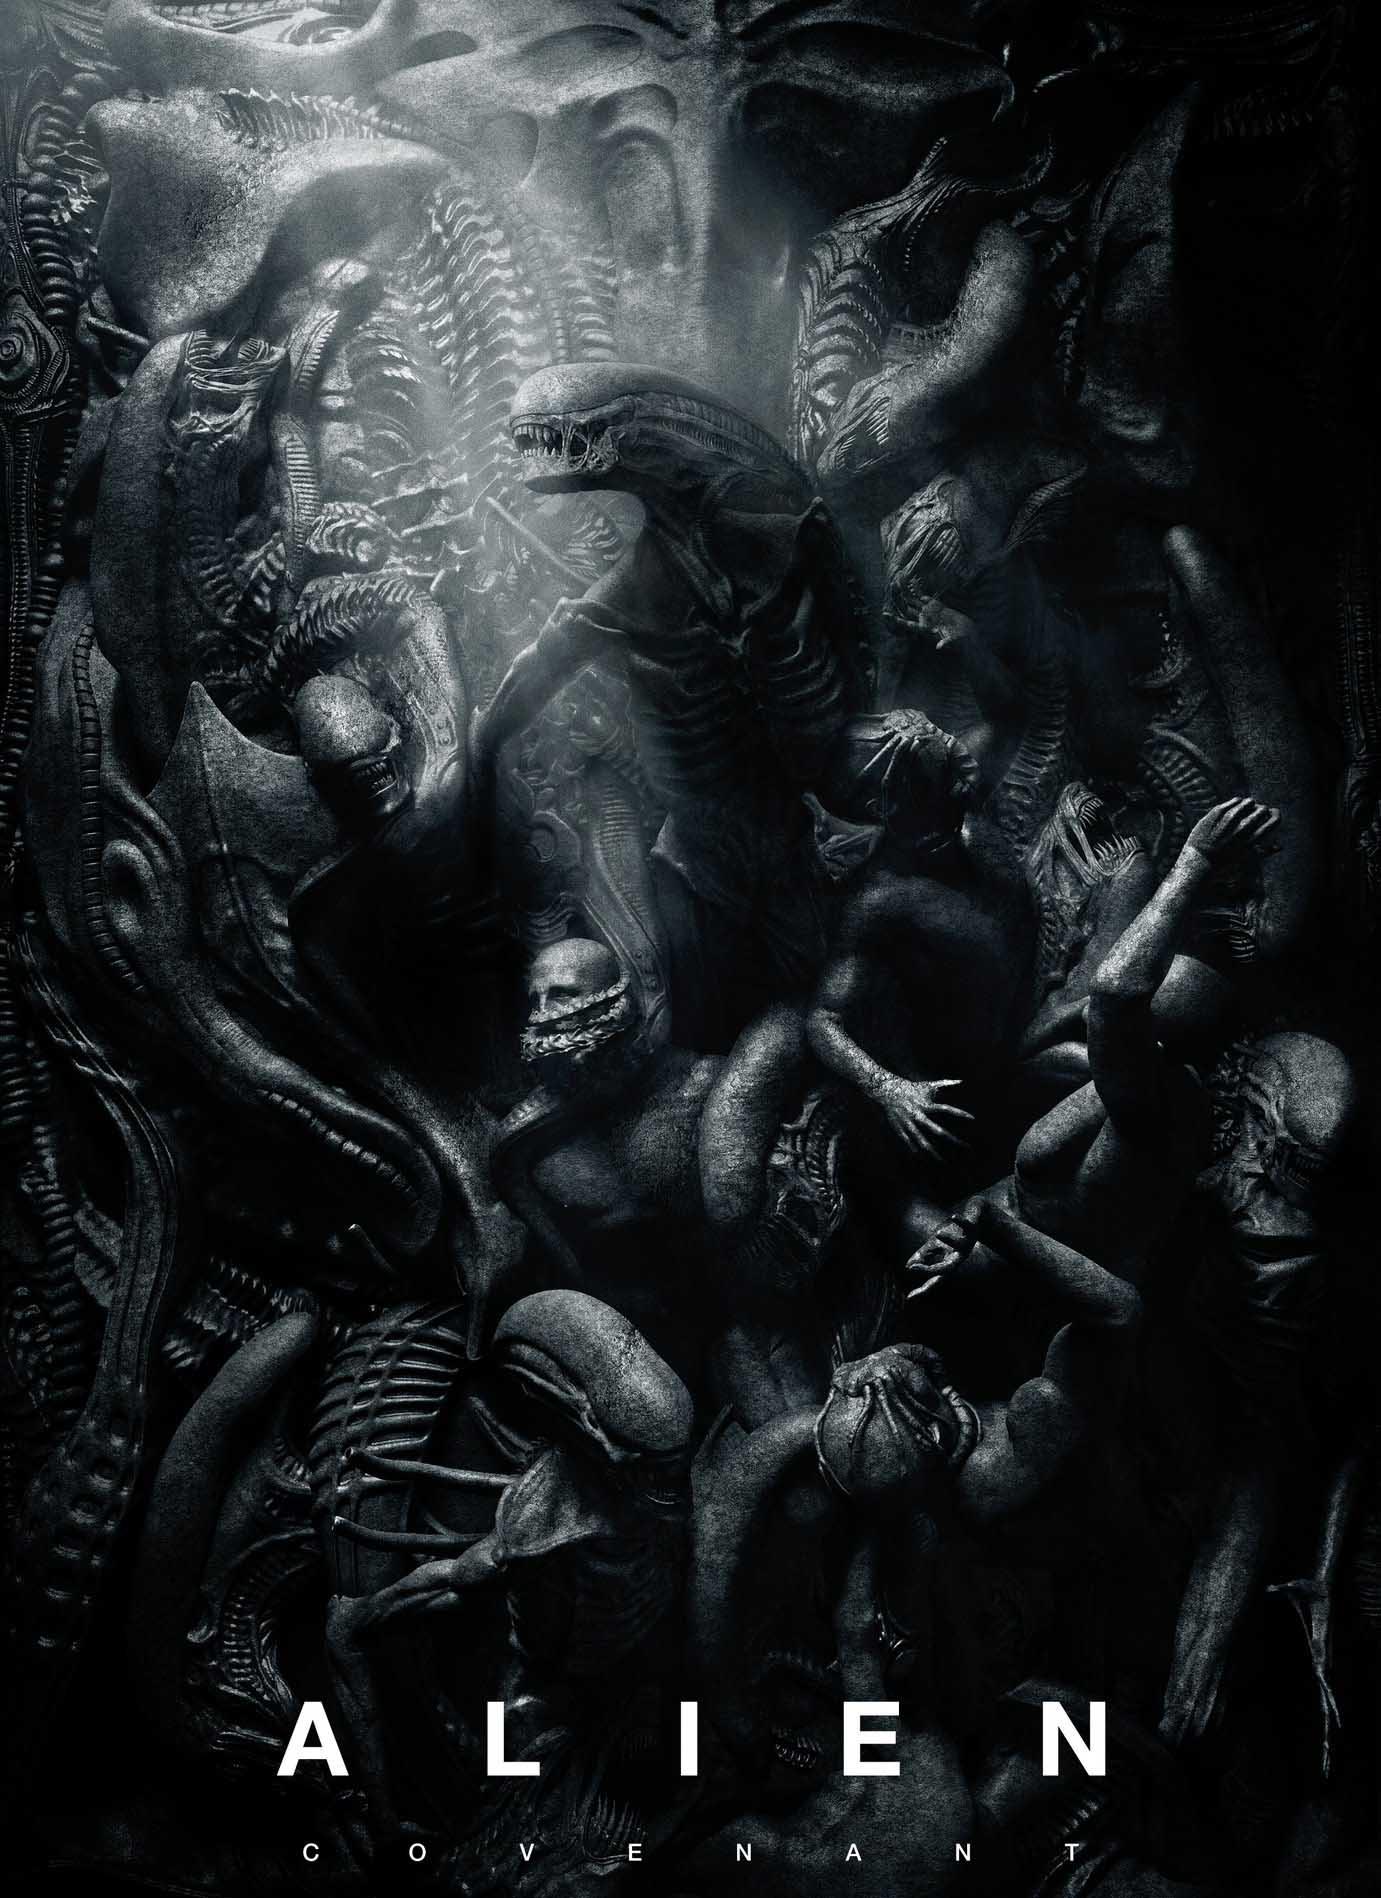 Alien Covenant poster alternativo